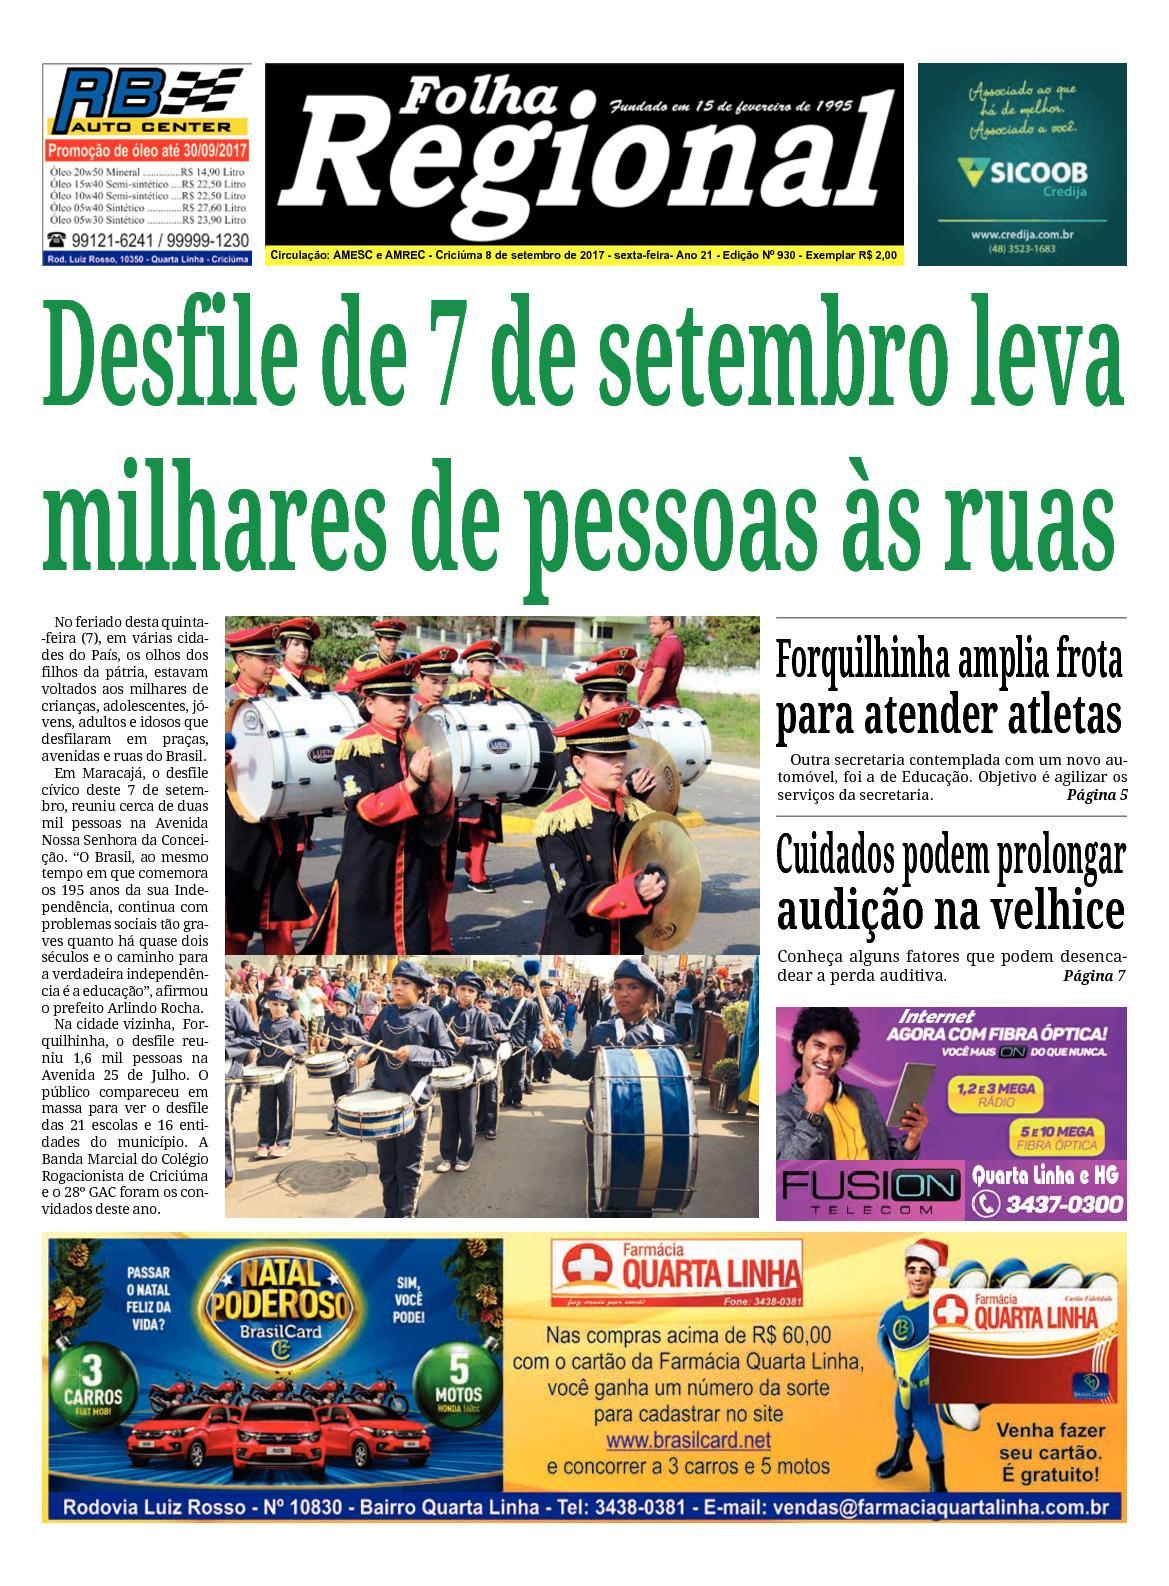 Calaméo - Folha Regional Ed.930 - 08 09 2017 31a31d8f88